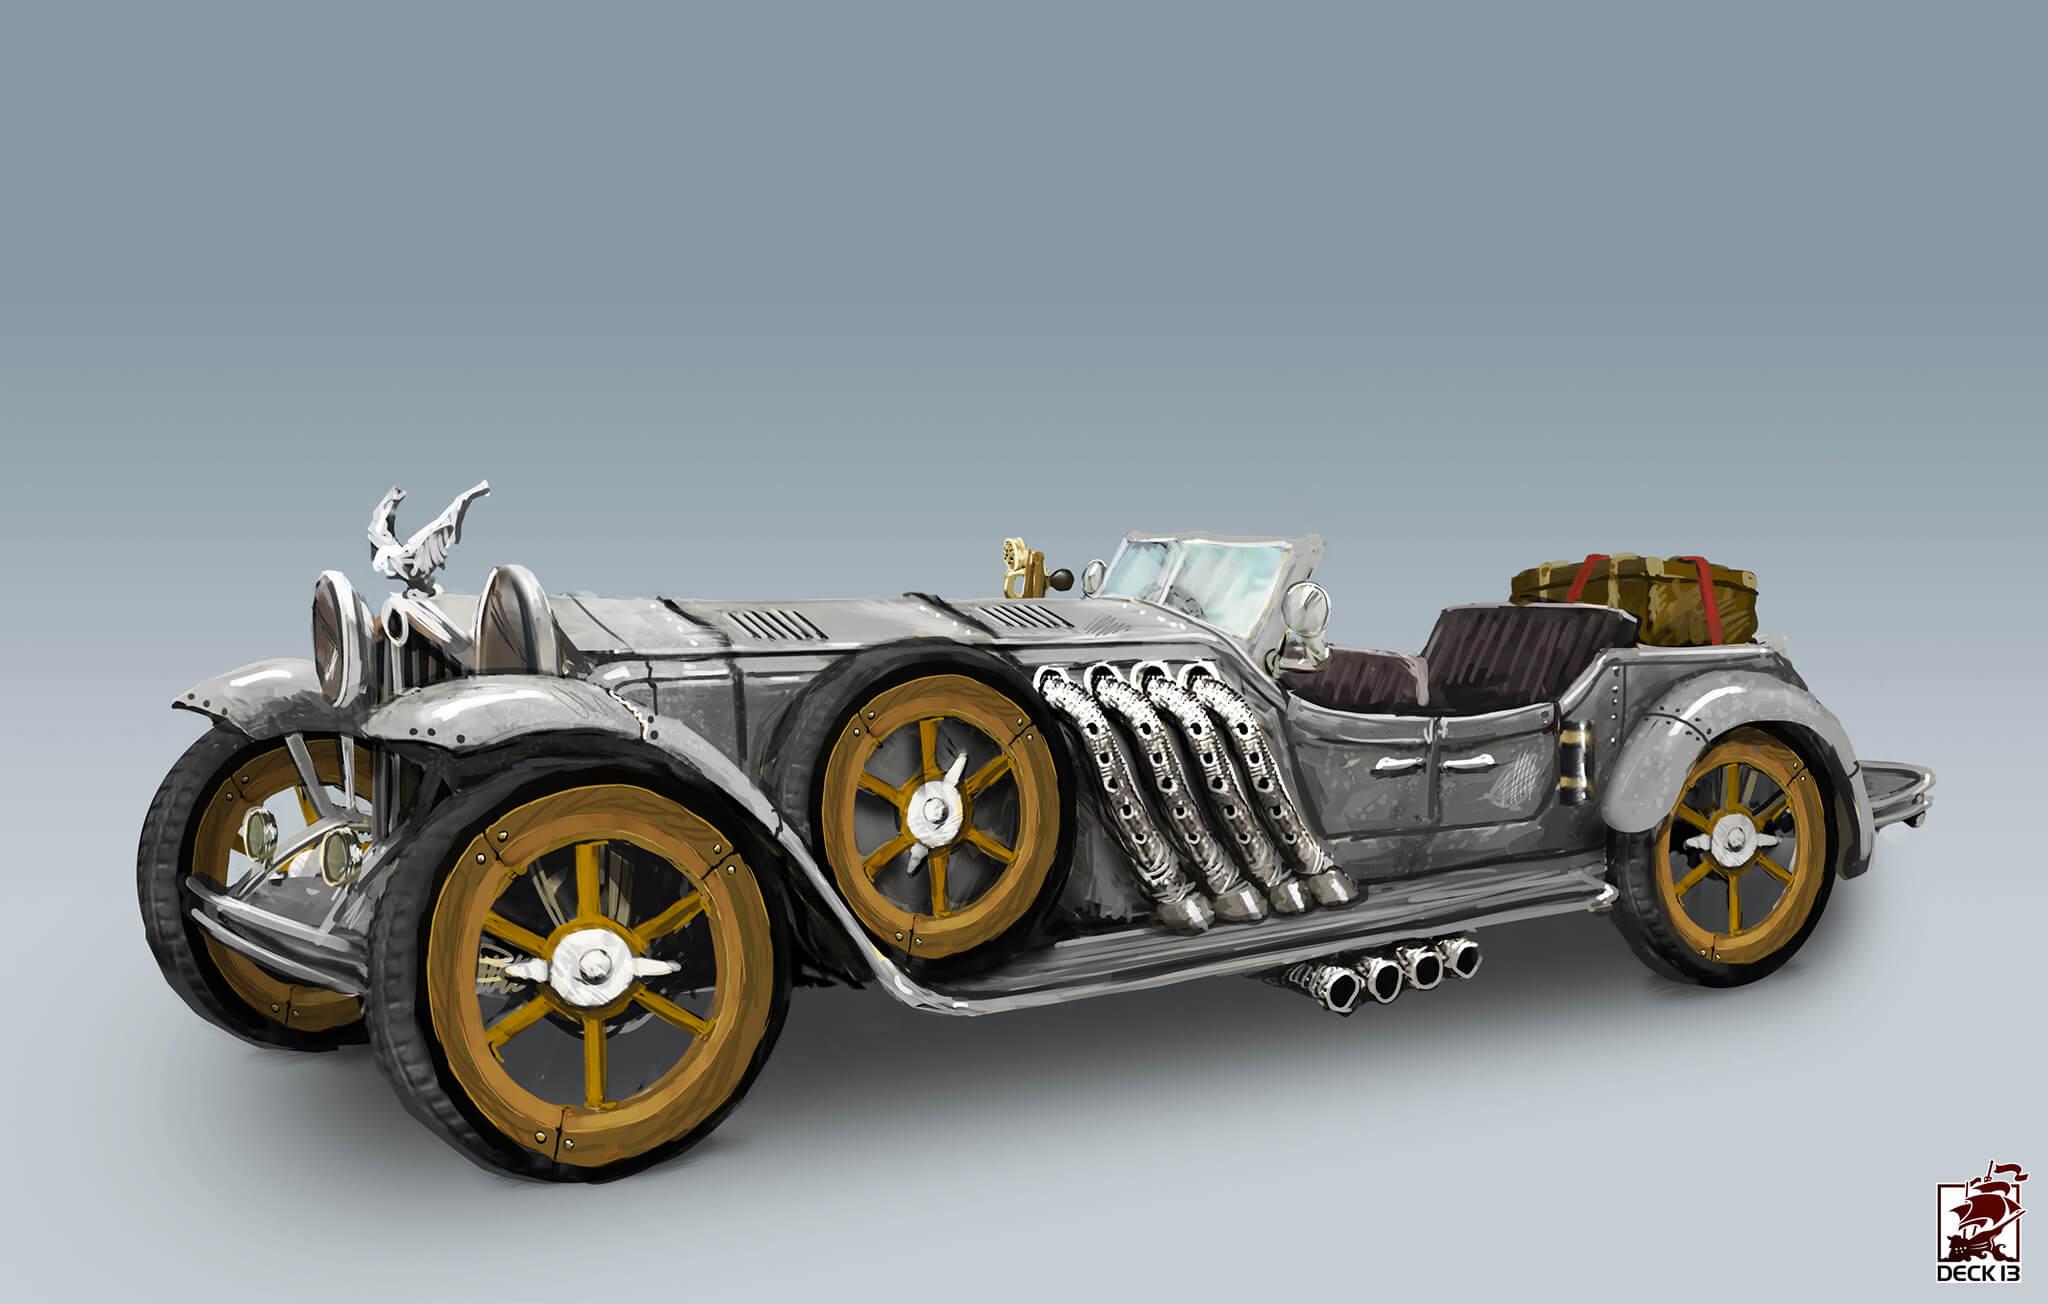 jack-keane-2-deck13-concept-art-felix-botho-haas-car_004